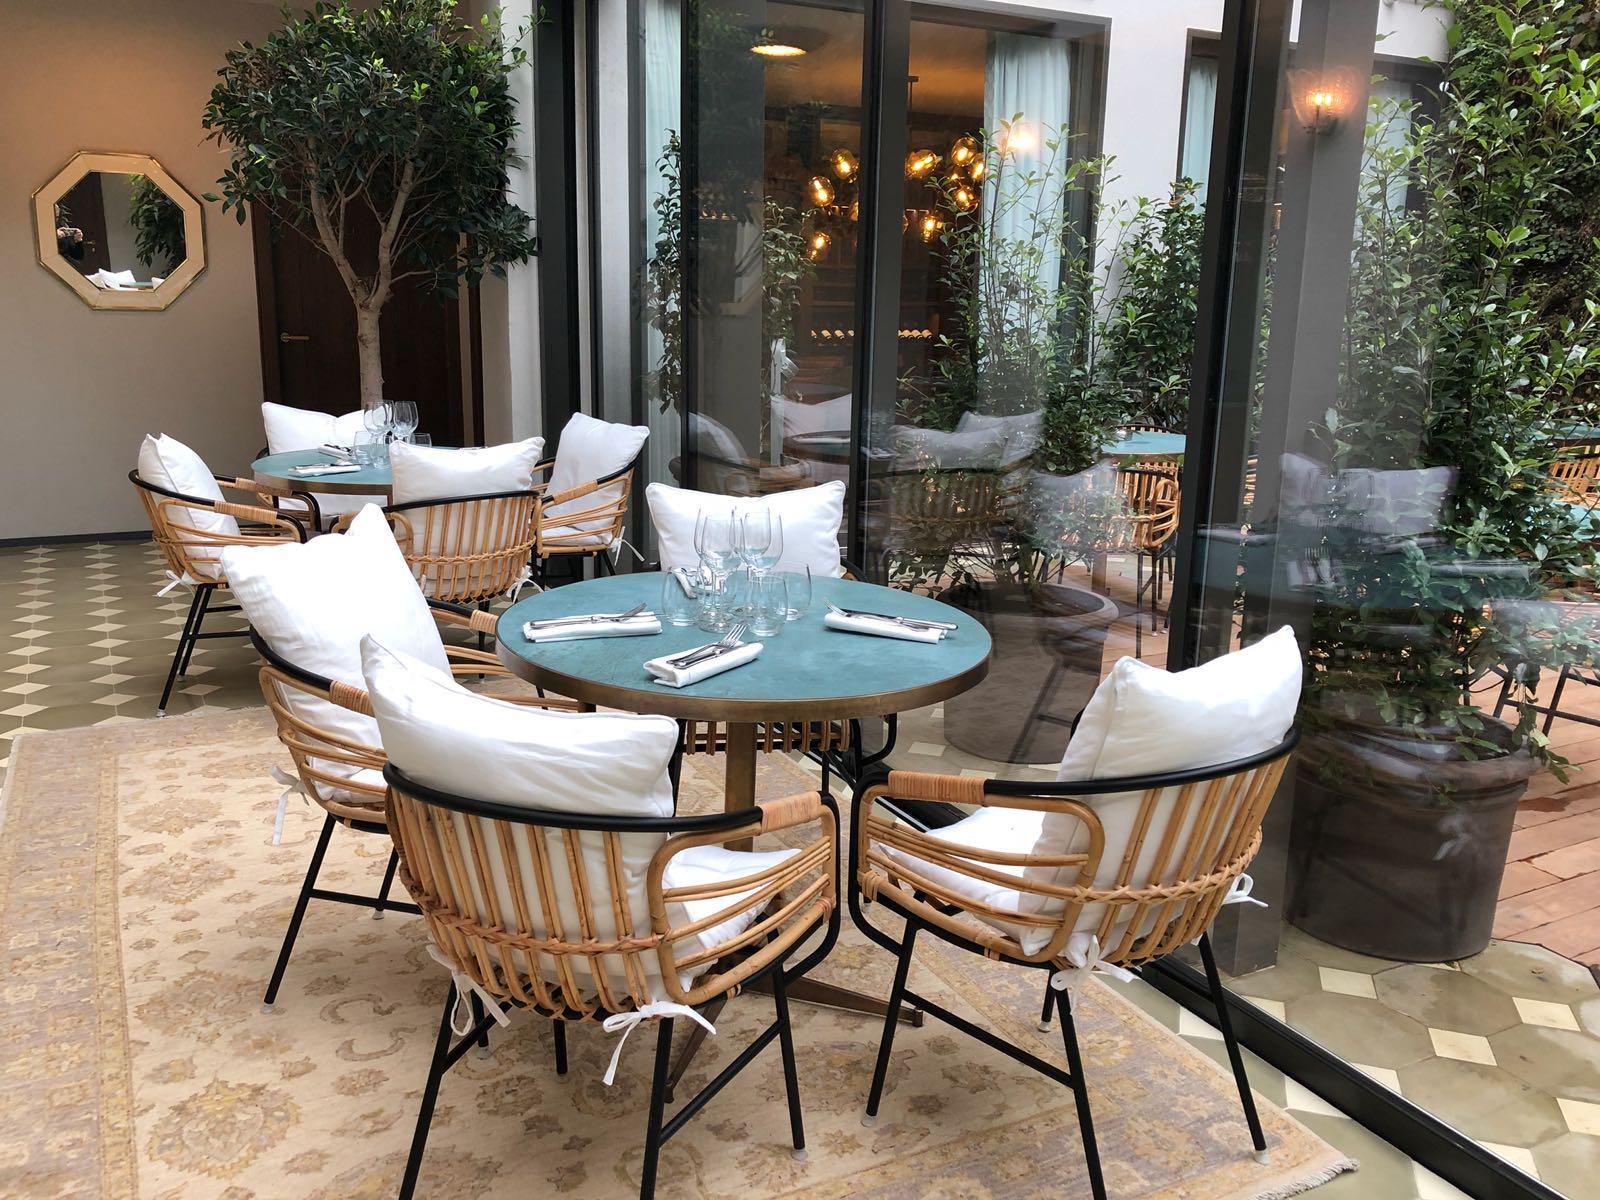 voyages haut de gamme - blog voyages de luxe - testeur d'hotels de luxe - le blog de zane - avis hotels paris